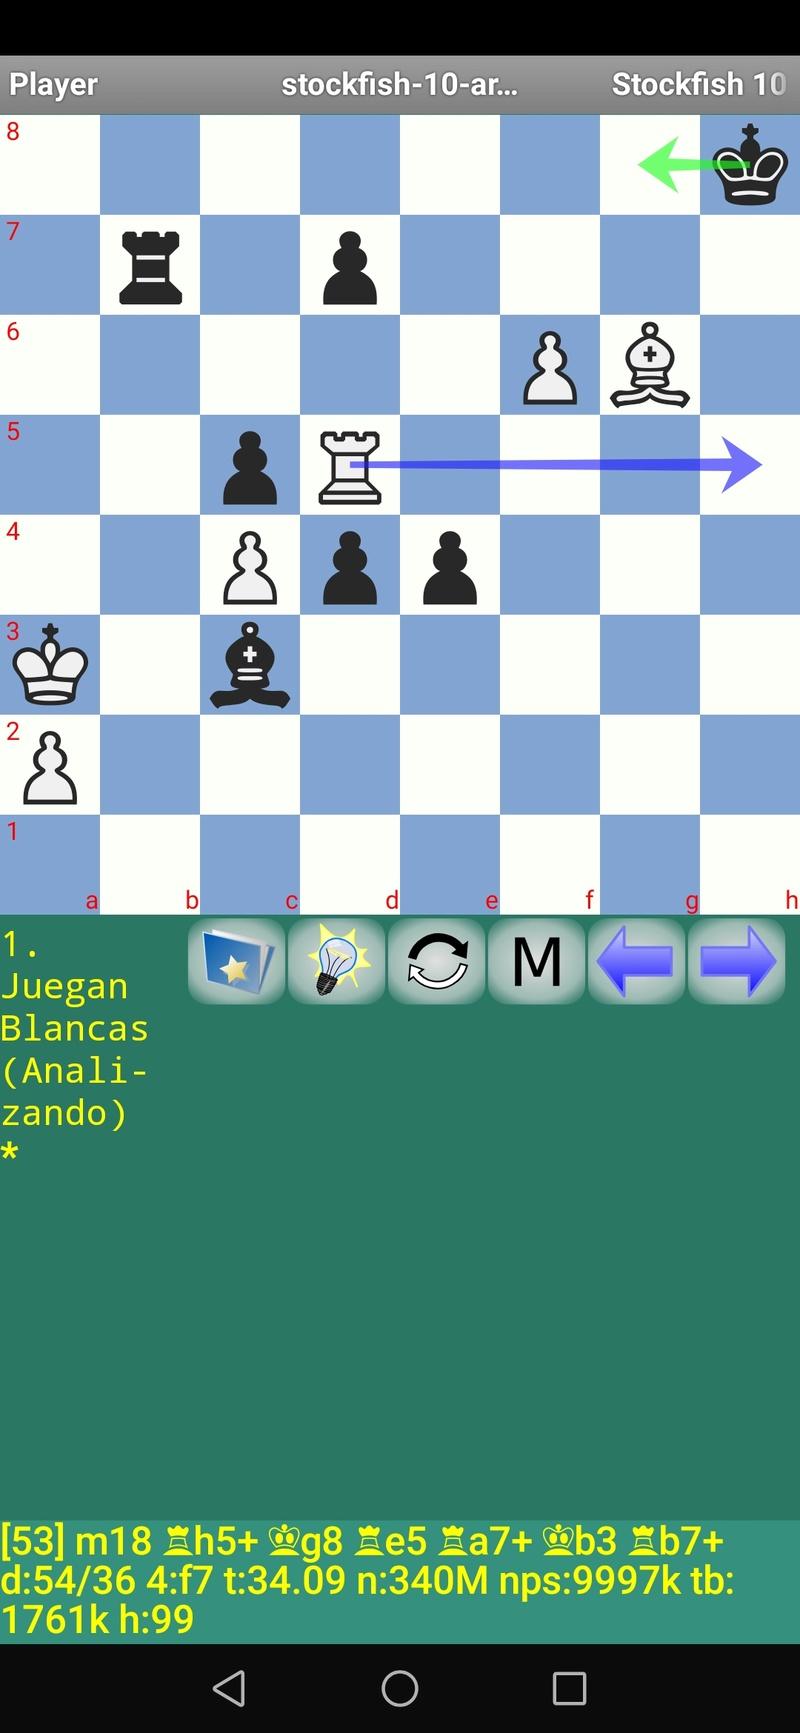 30 posiciones de Test fabulosas con el Stockfish 10 / Matador de QUIJOTEL (I) Scree110